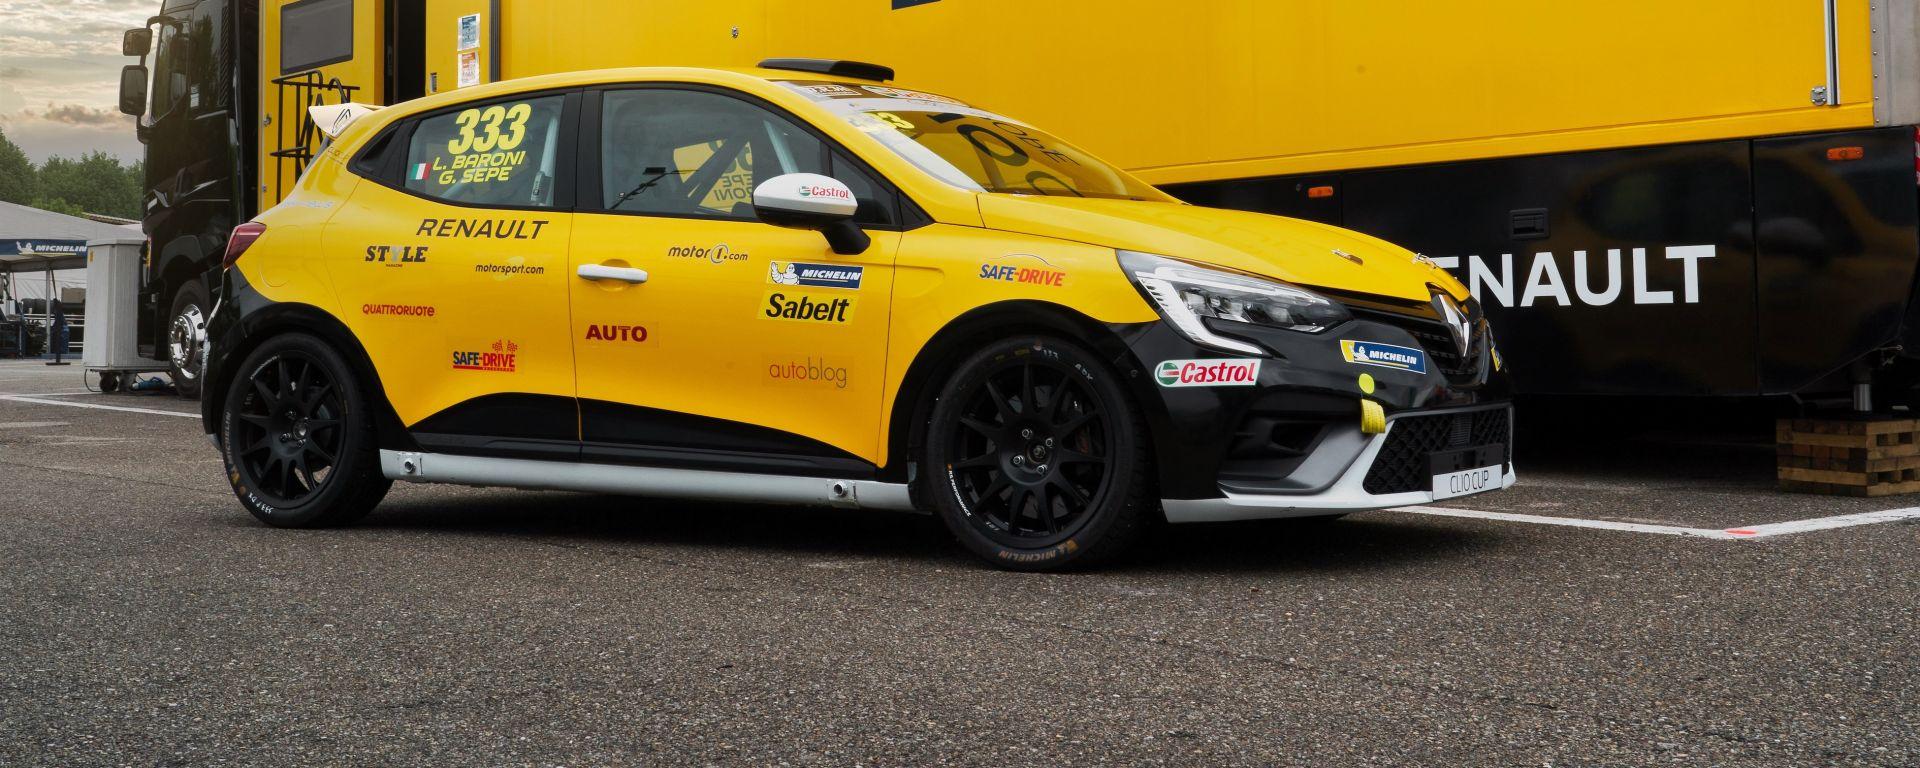 Clio Cup Italia 2021, l'auto utilizzata per la Press League